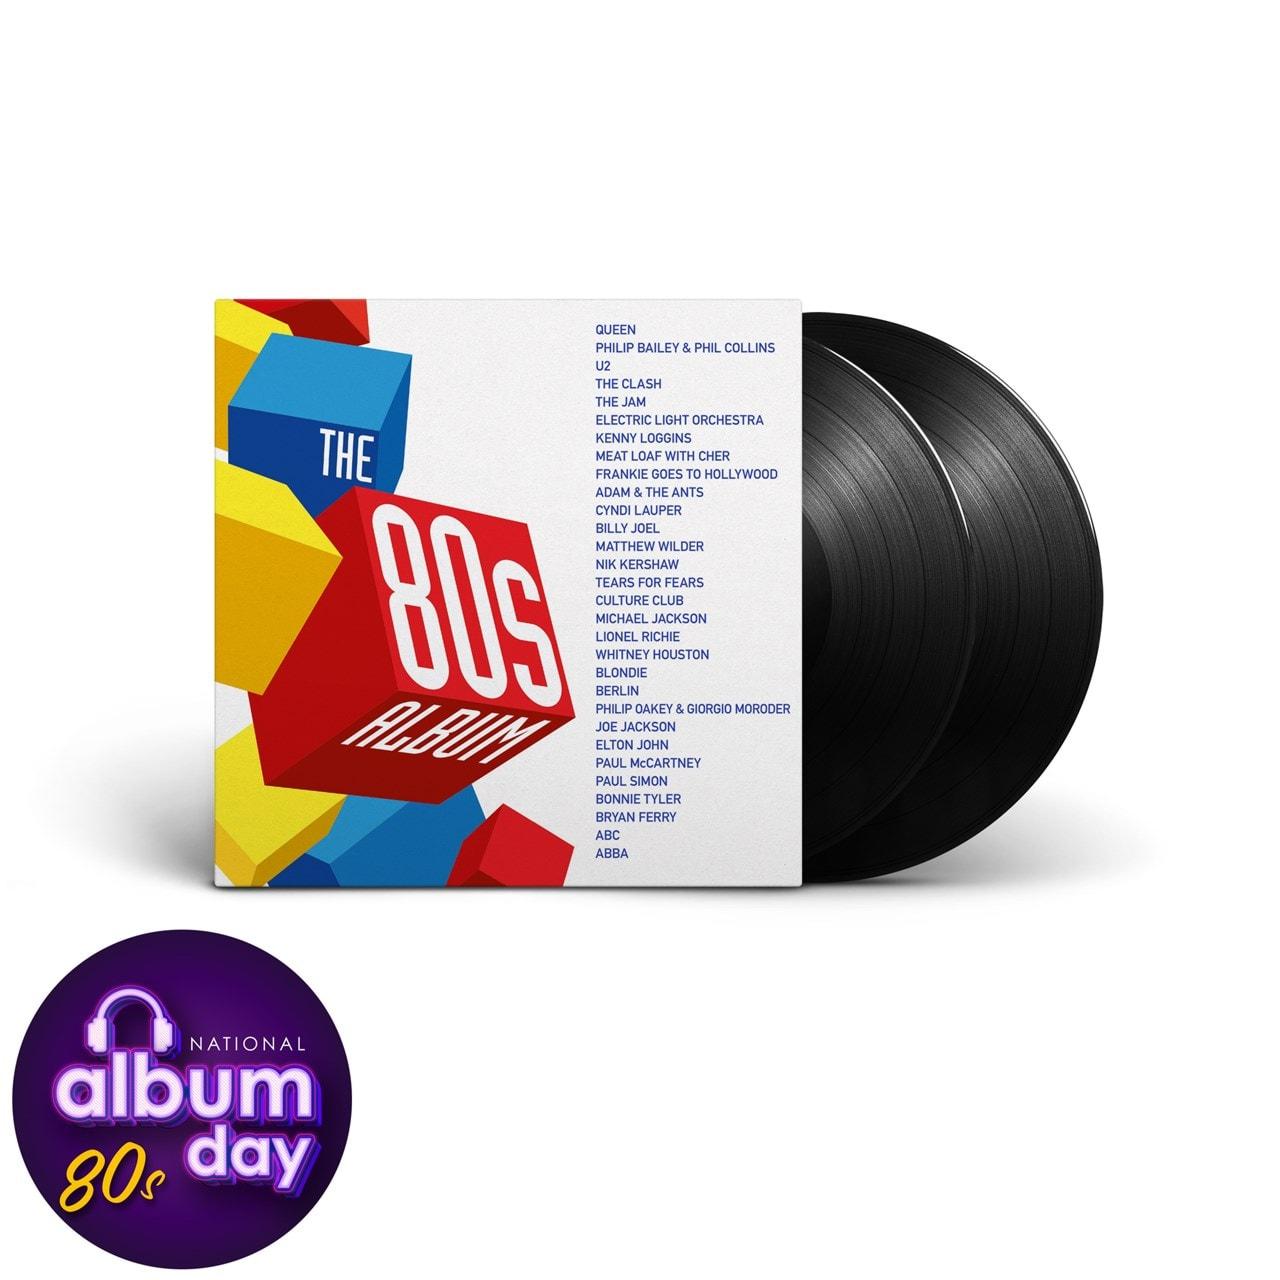 The 80s Album - 1